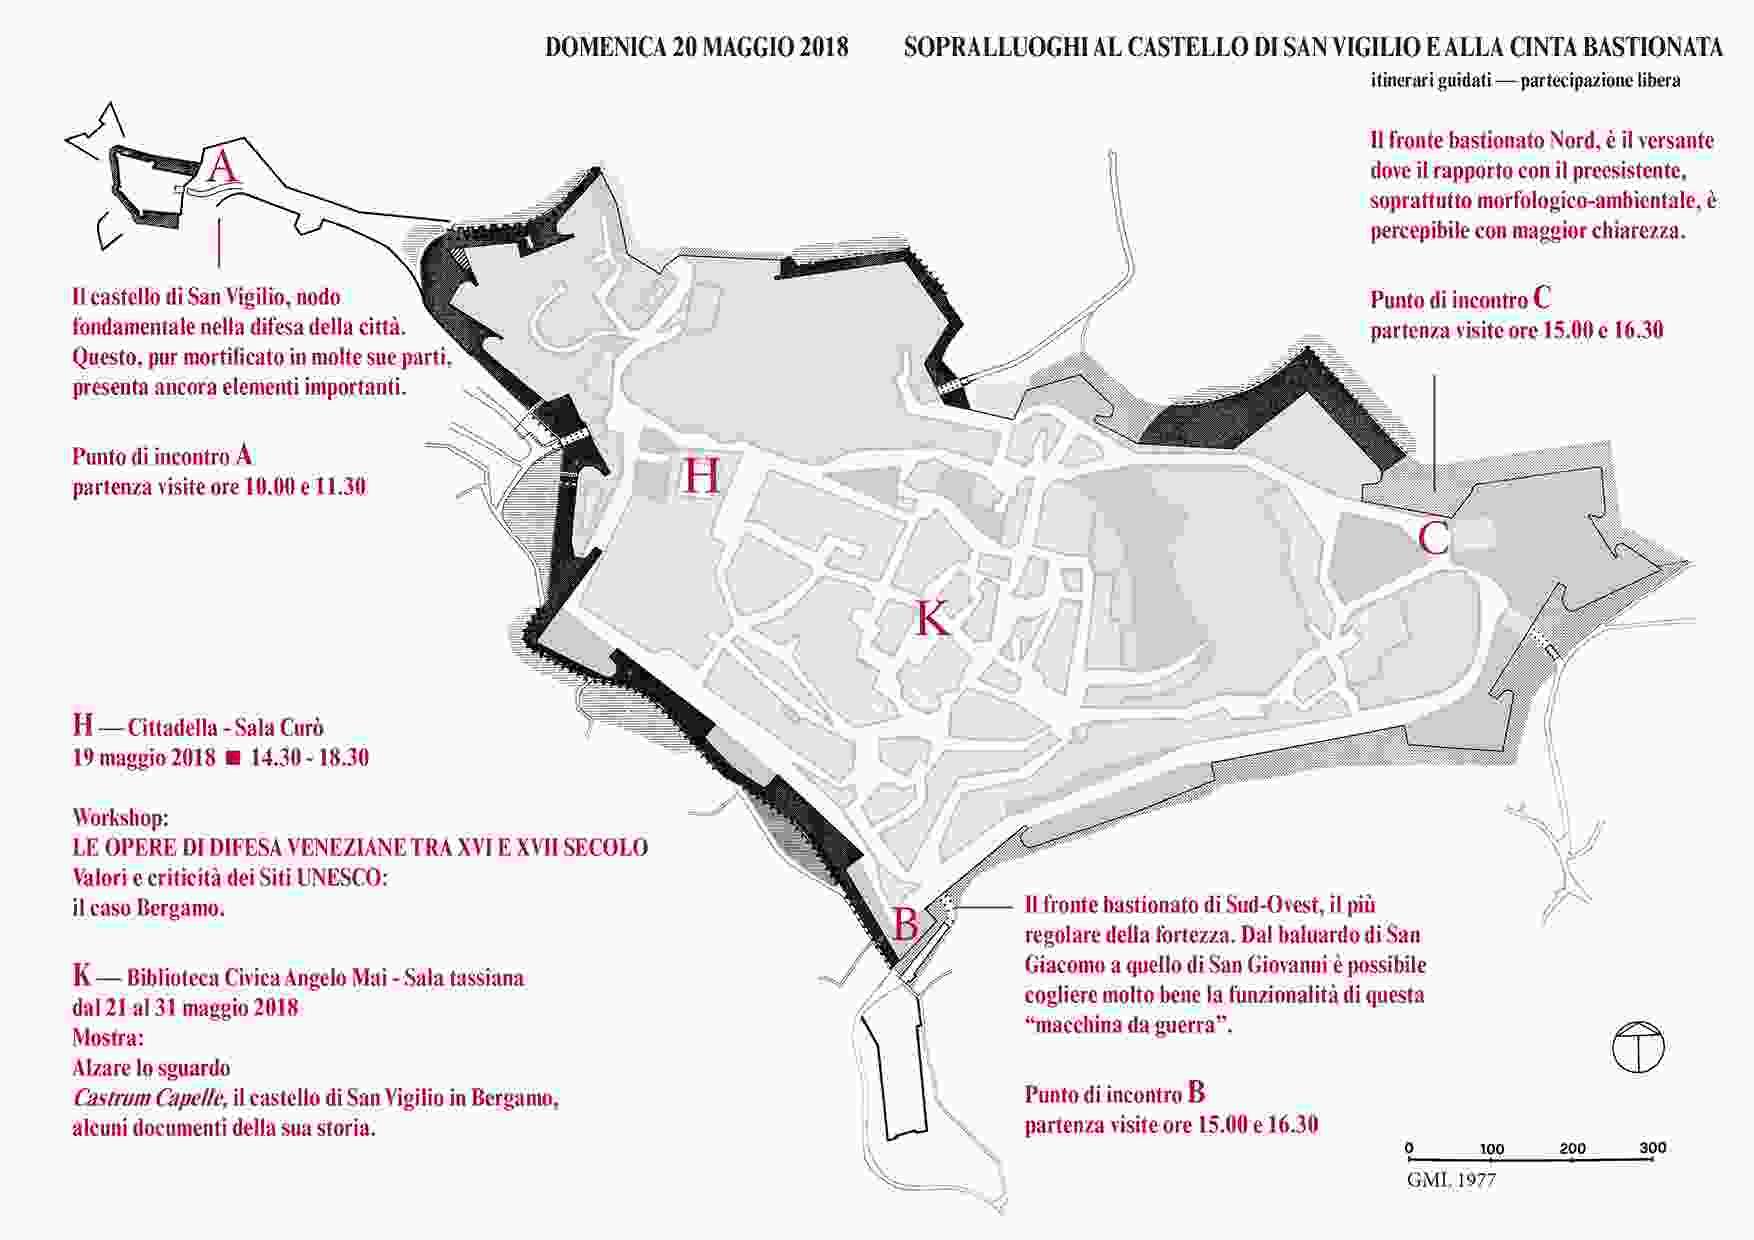 Giornate nazionali dei Castelli 2018 - XX edizione